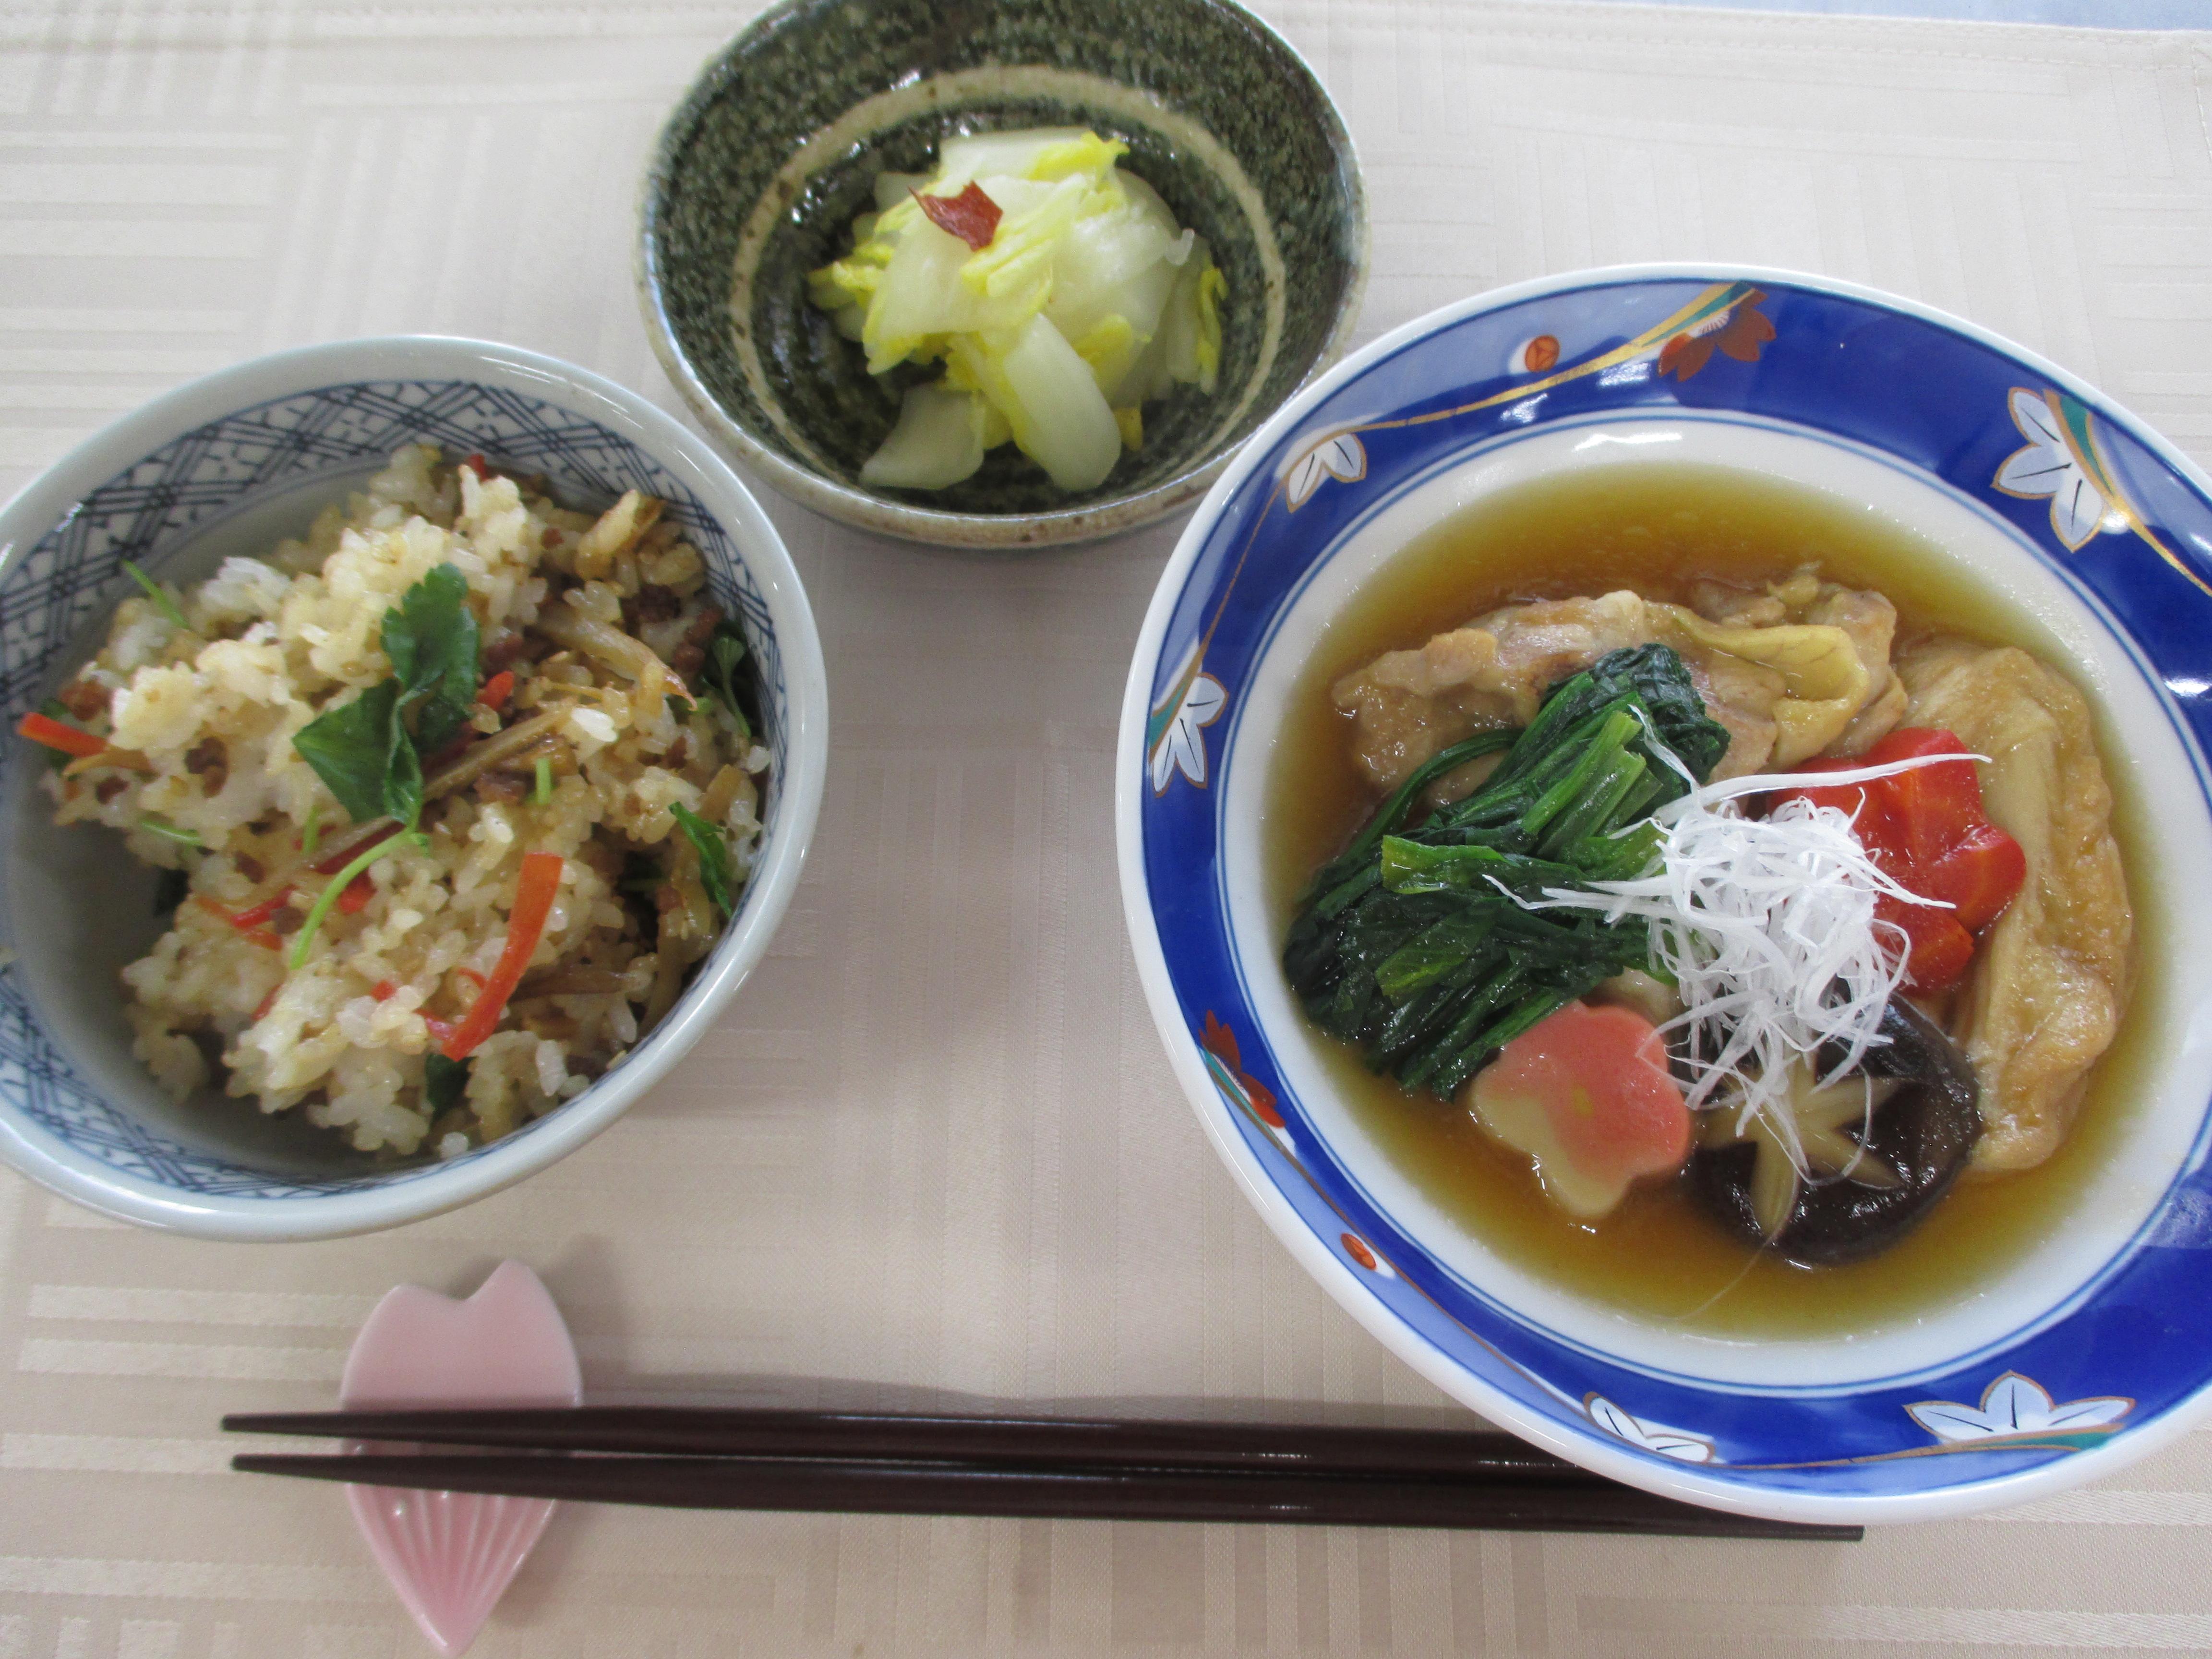 治部煮、混ぜご飯、白菜の浅漬け